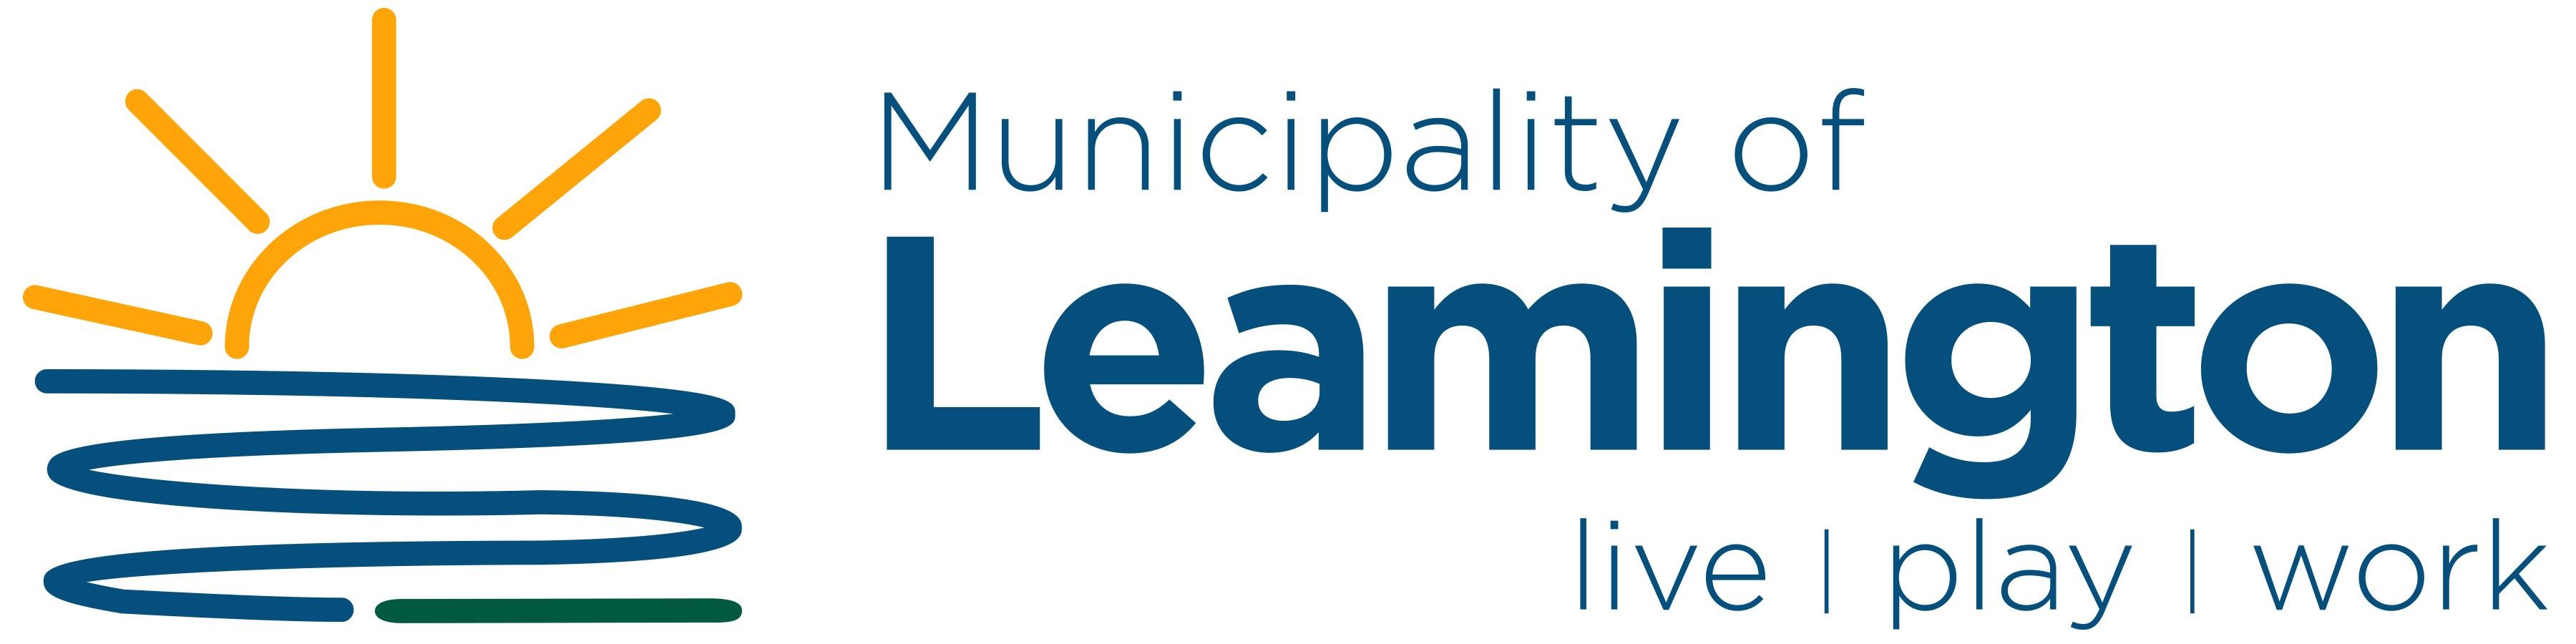 Municipality of Leamington Logo